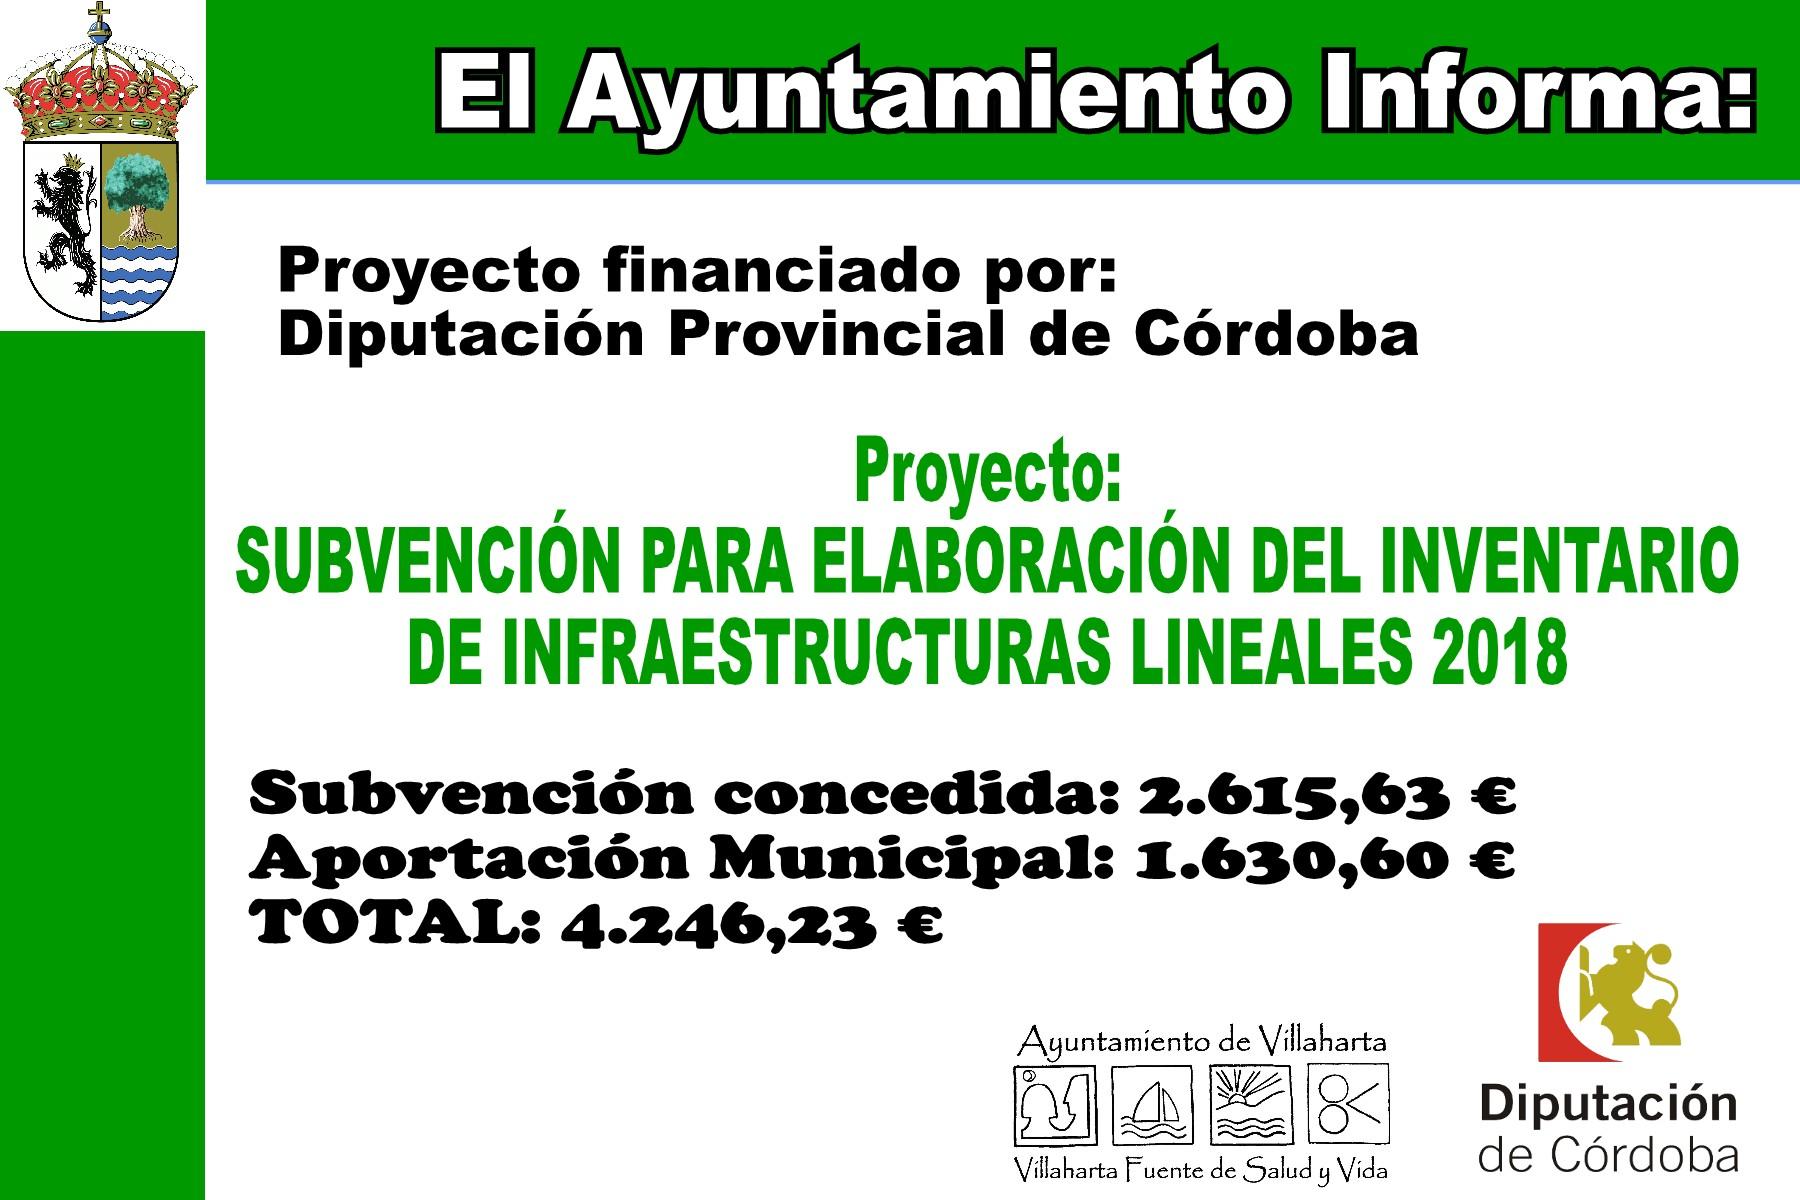 SUBVENCIONES RECIBIDAS. 2018 32